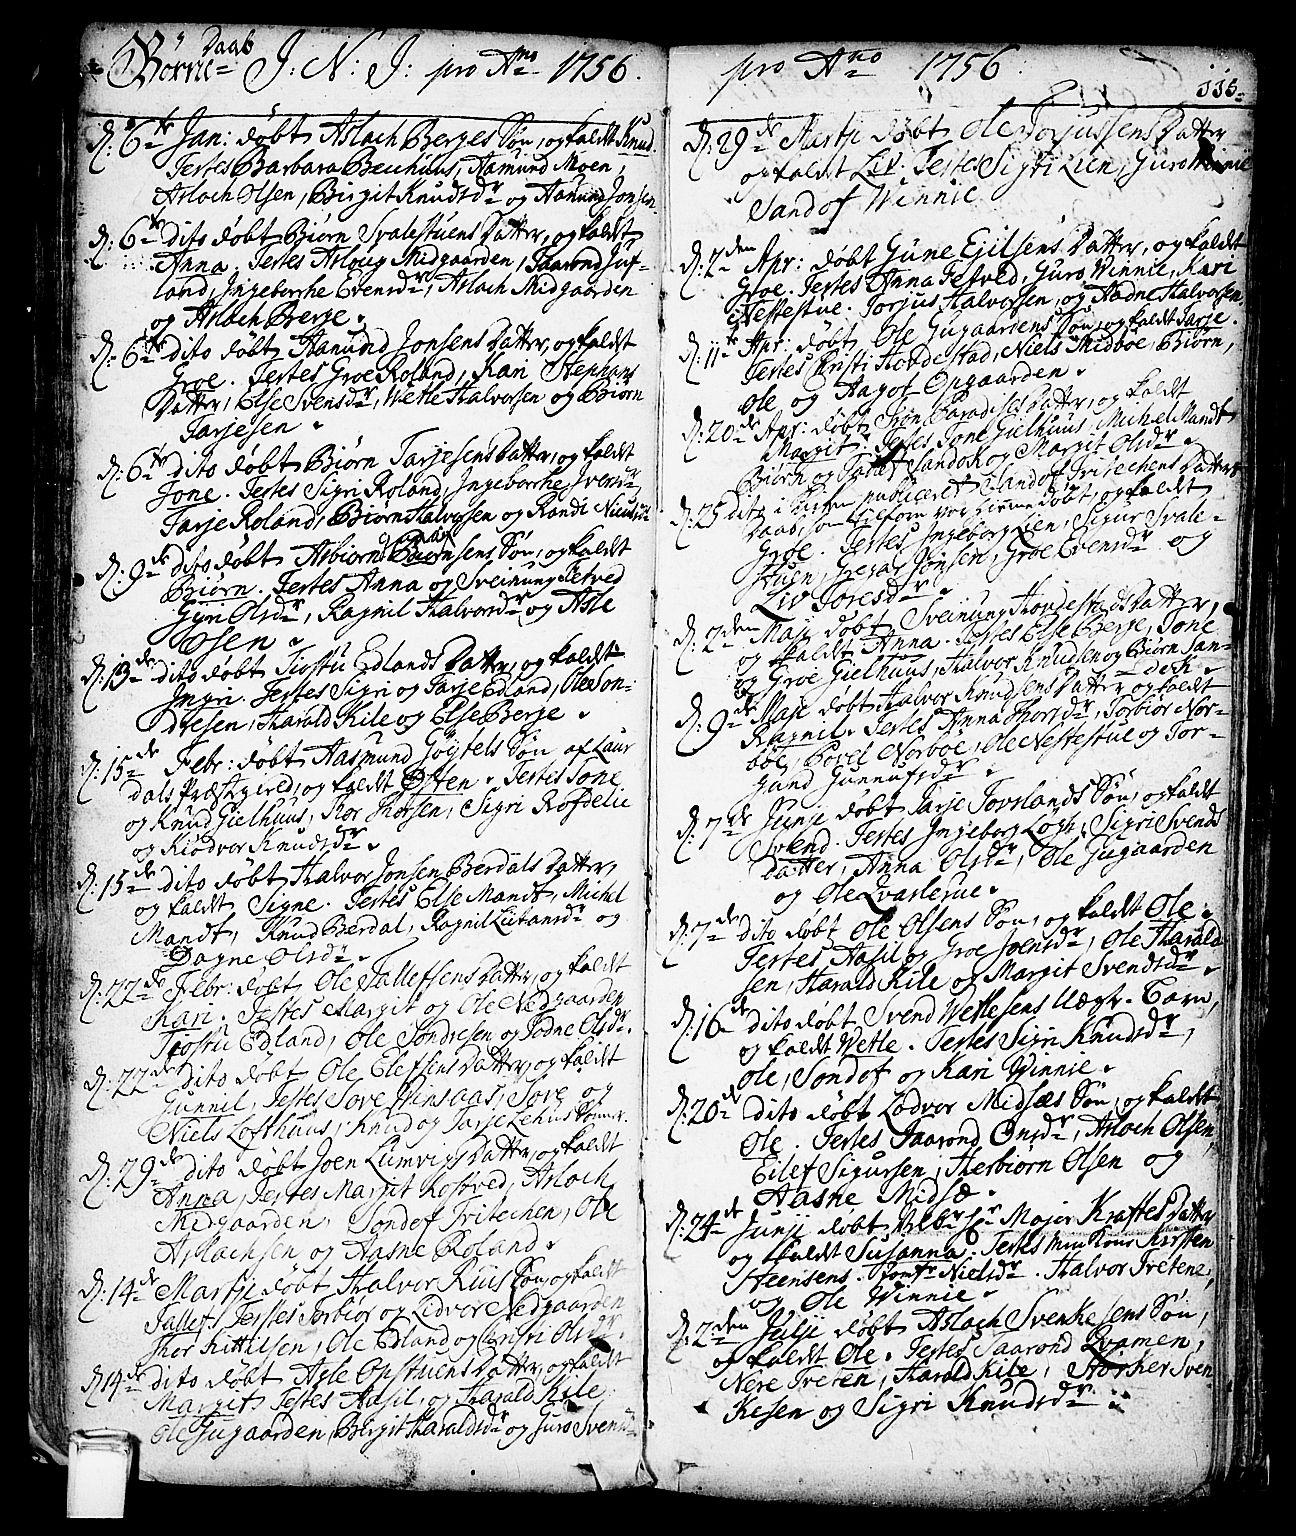 SAKO, Vinje kirkebøker, F/Fa/L0001: Ministerialbok nr. I 1, 1717-1766, s. 115